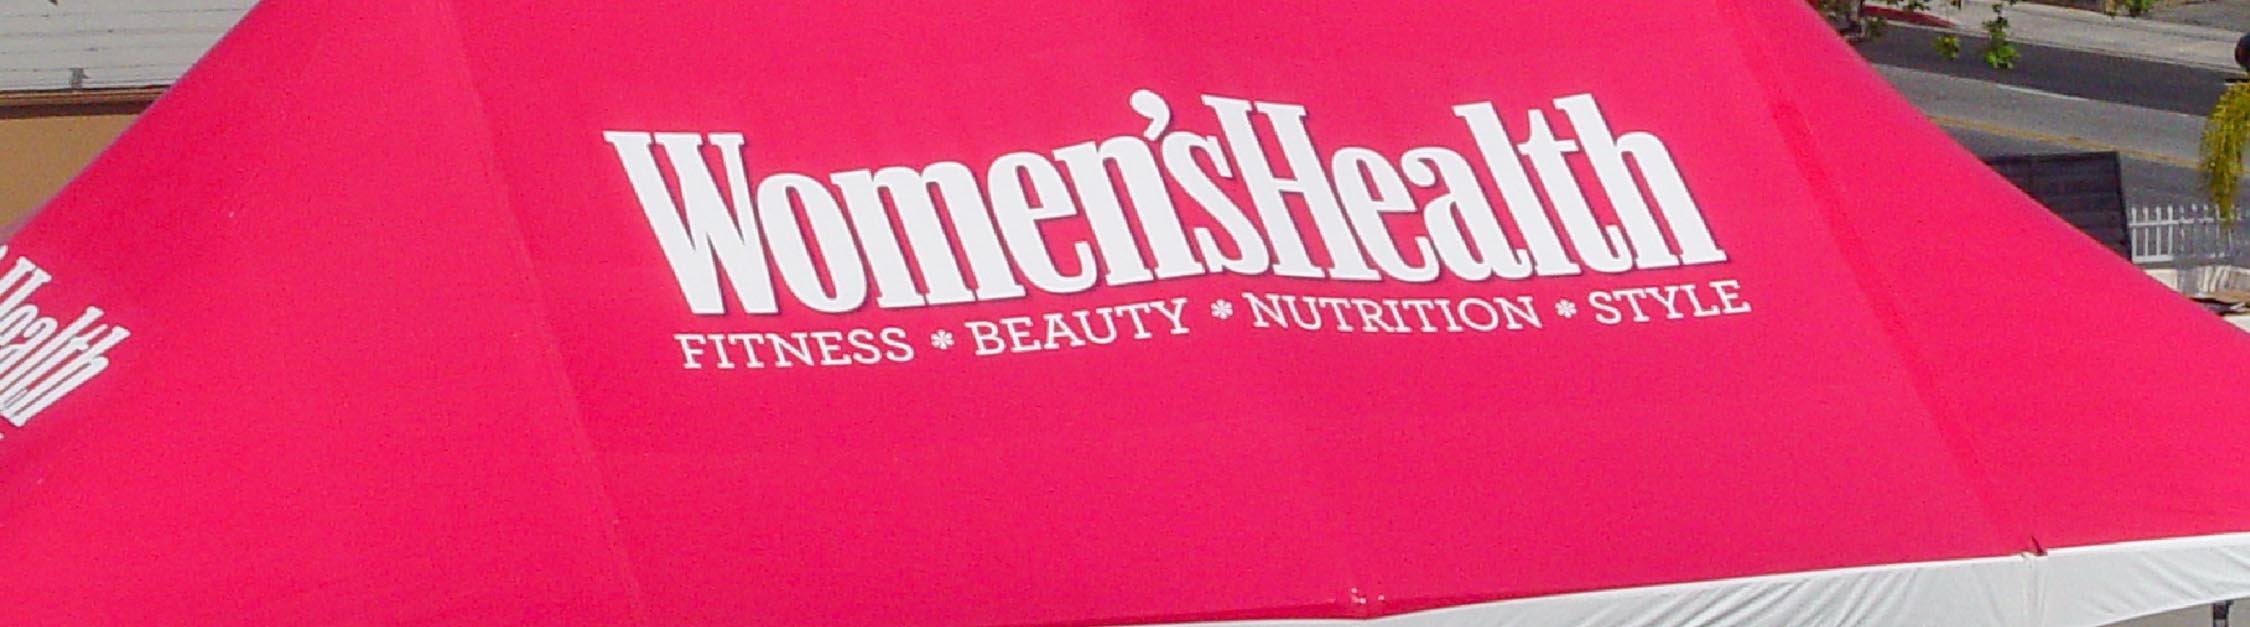 Womens-health-event-tent-header.jpg